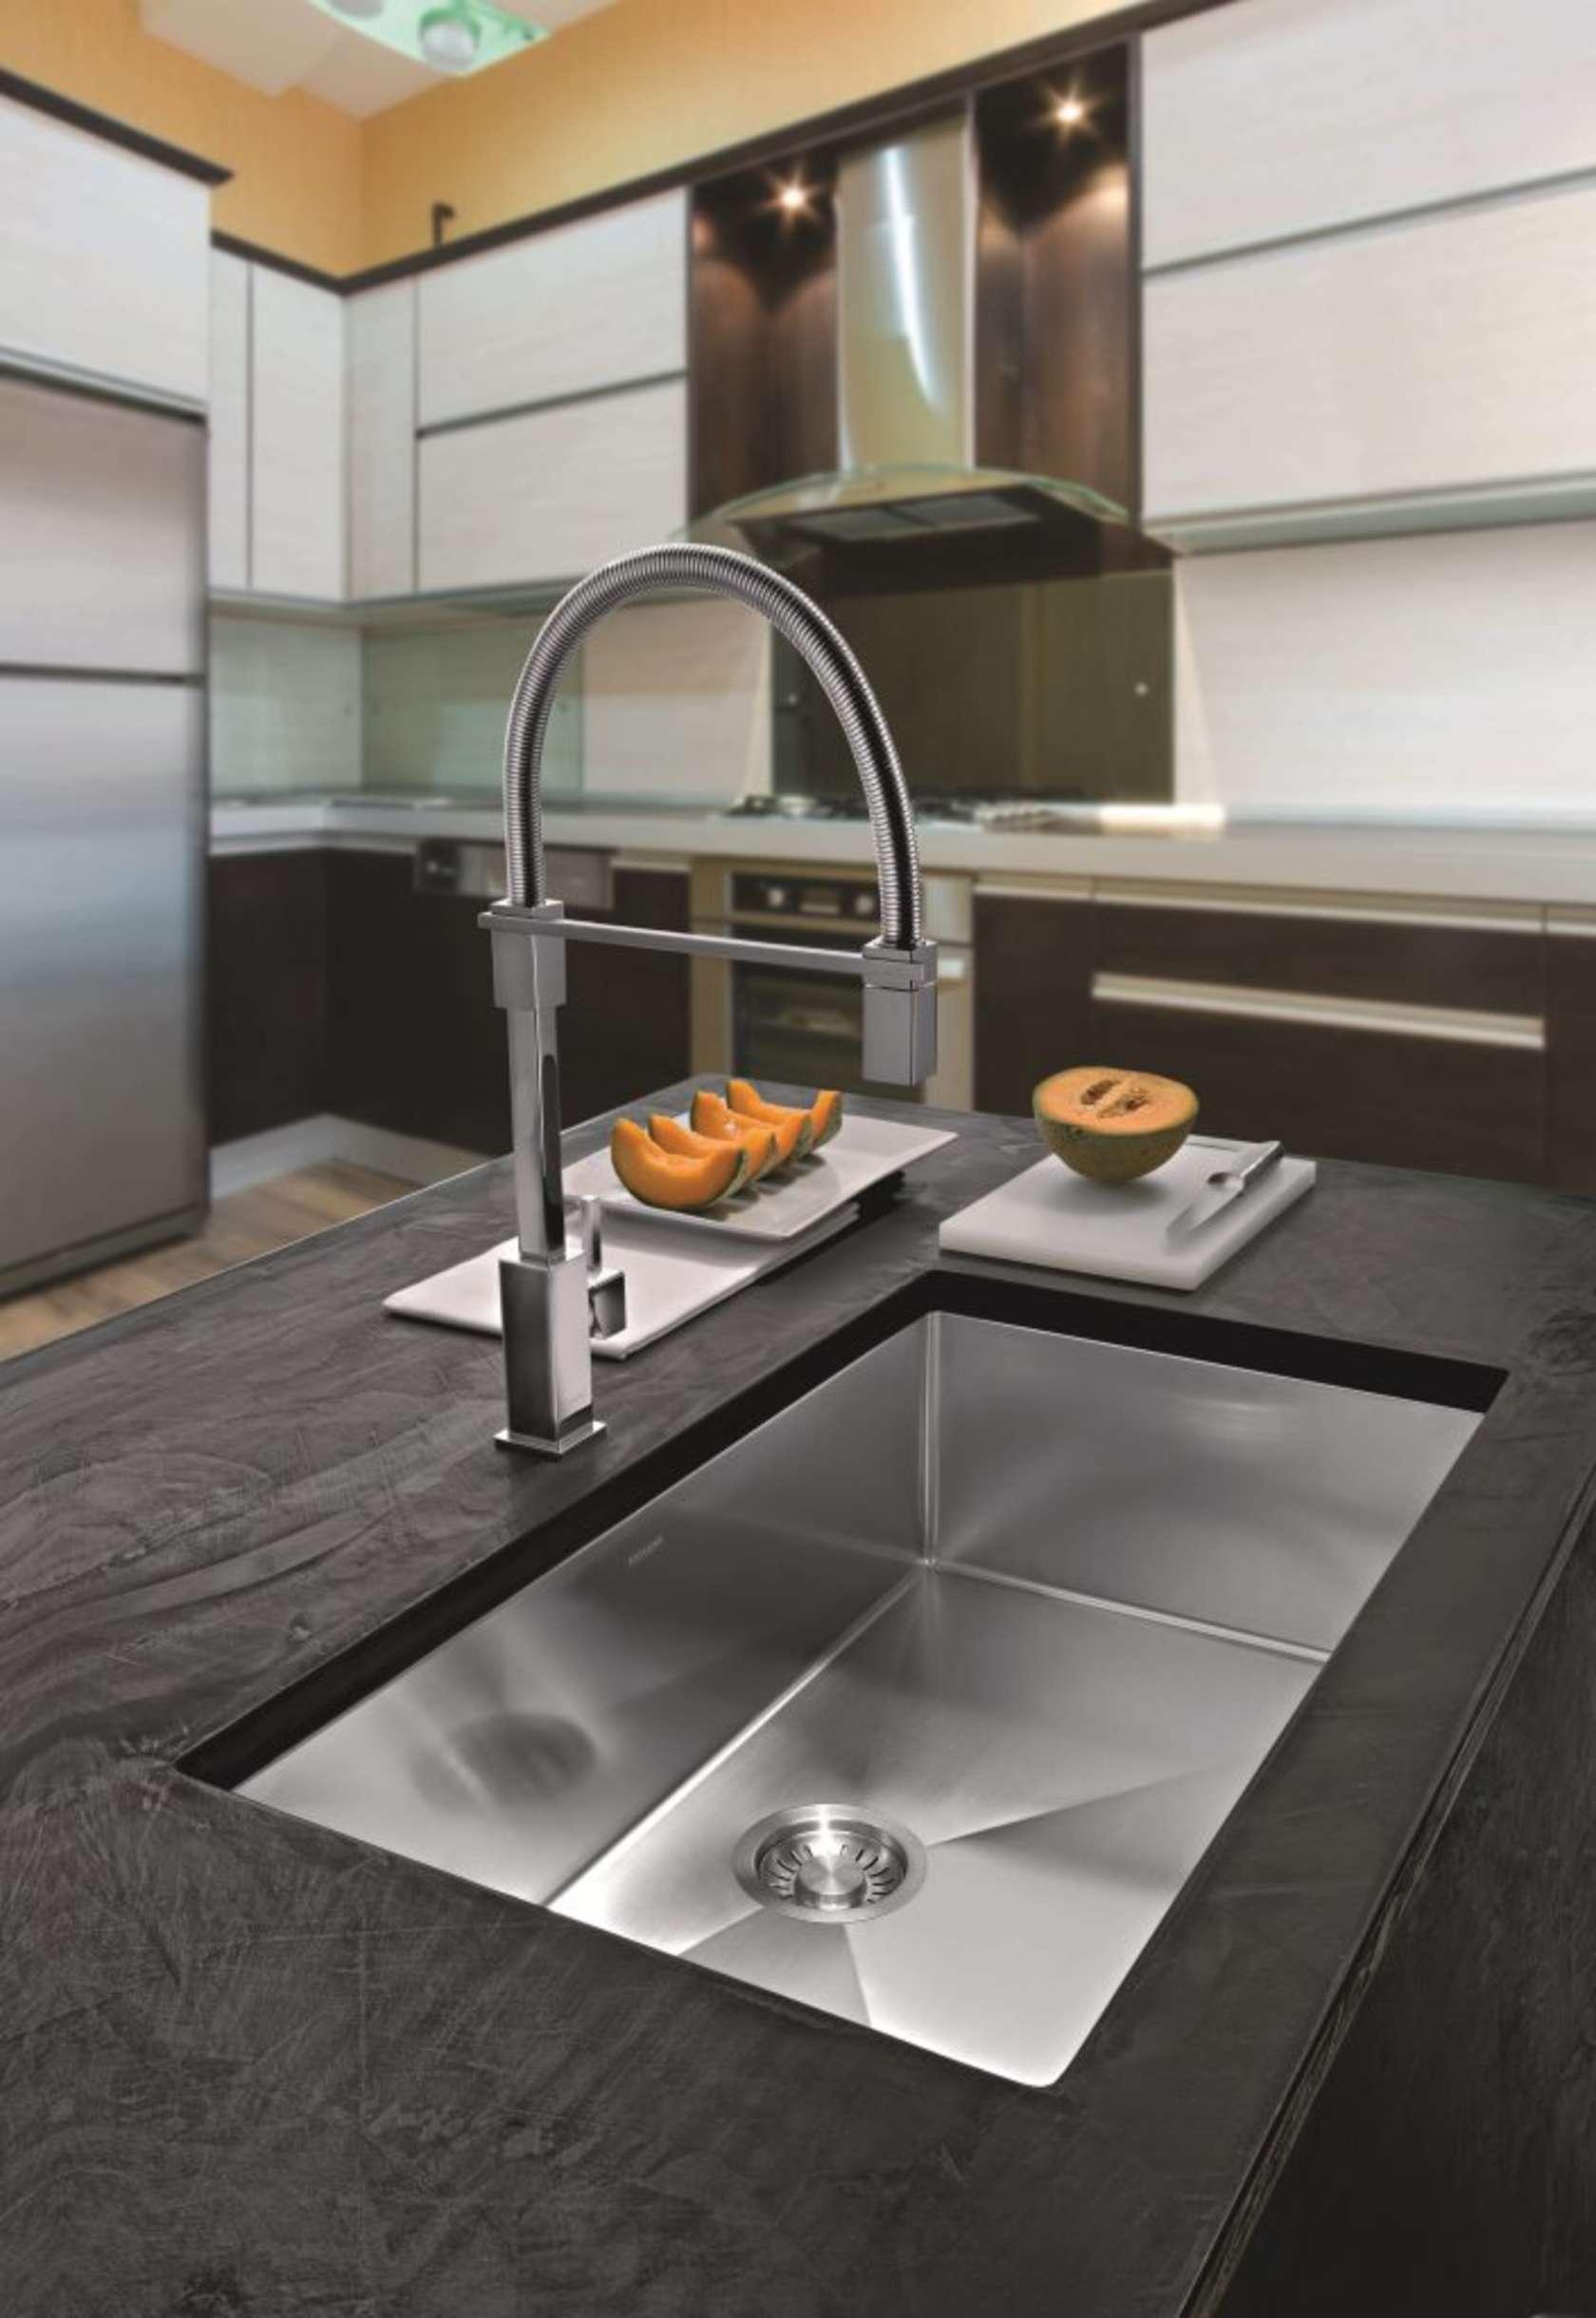 franke kitchen architizer. Black Bedroom Furniture Sets. Home Design Ideas